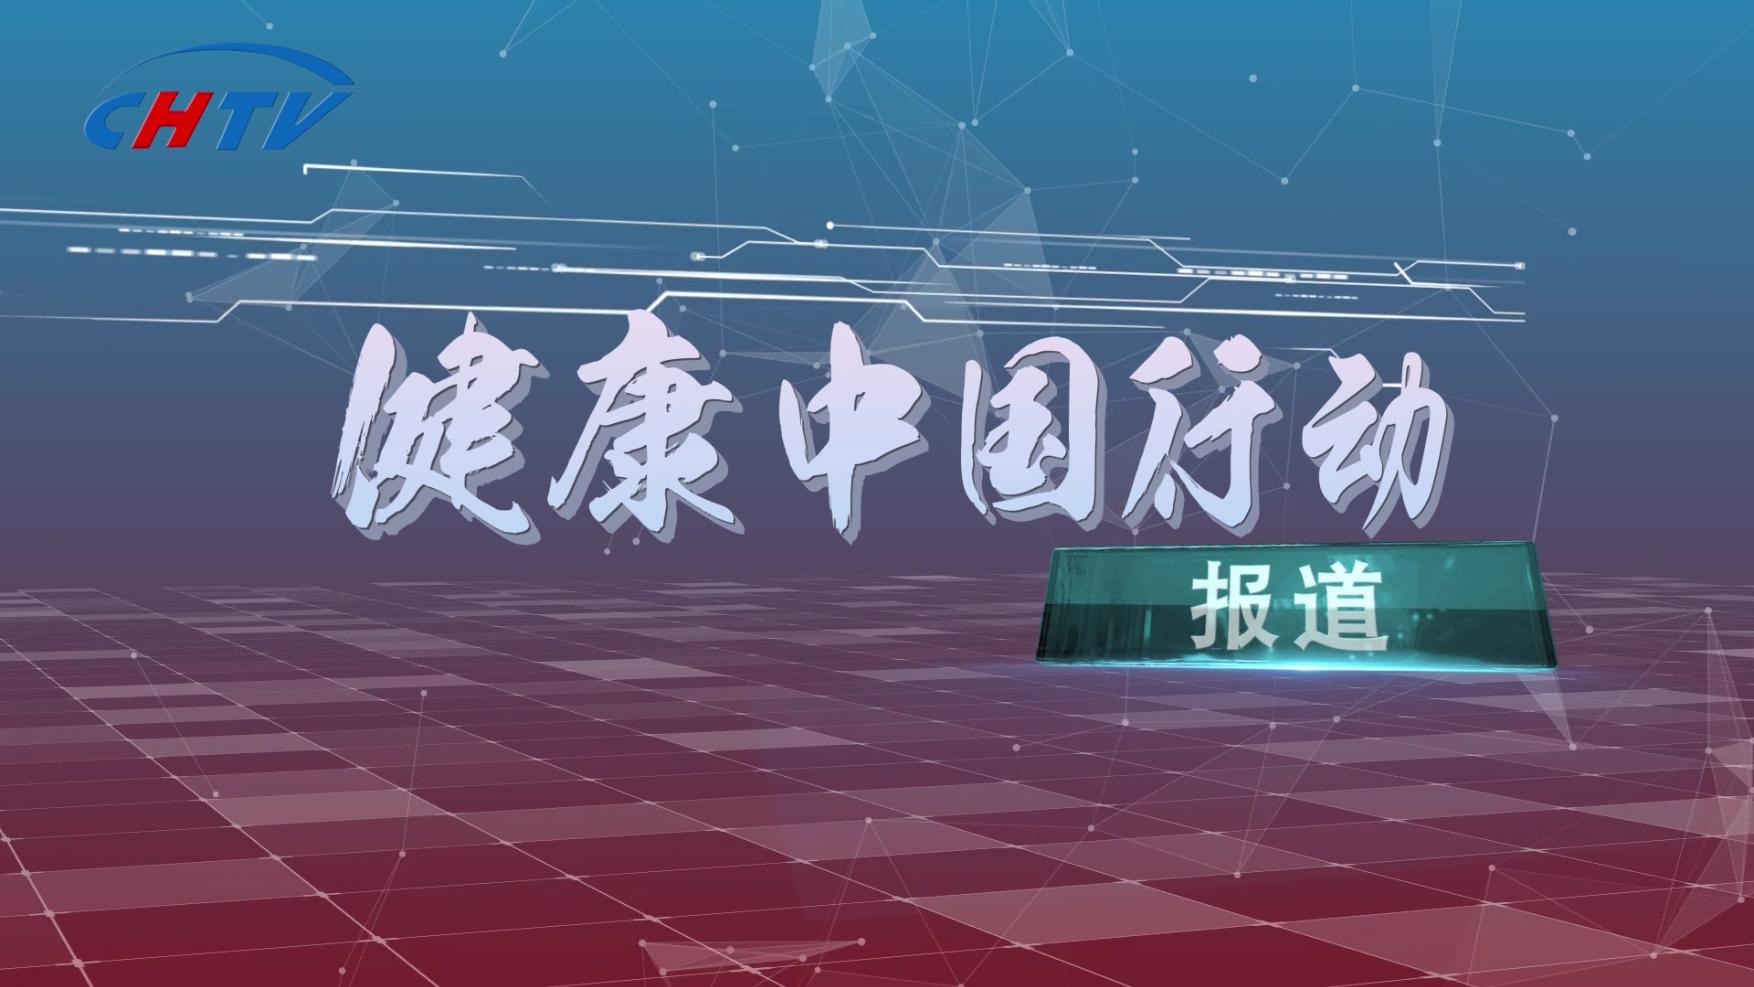 健康中国行动报道周新闻0917